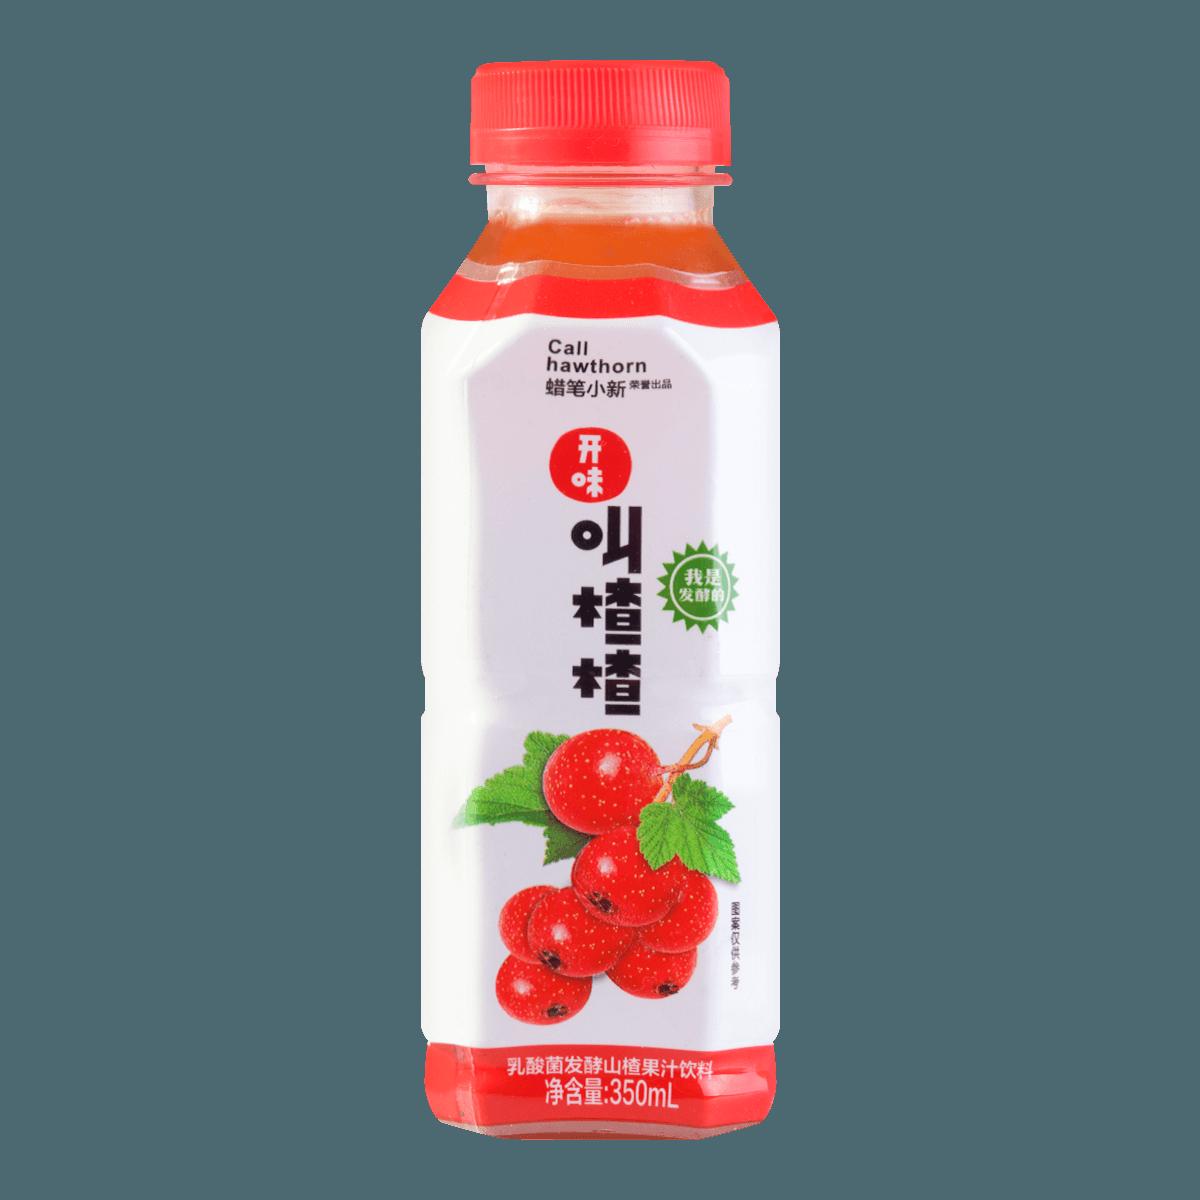 蜡笔小新 开味叫楂楂 乳酸菌发酵山楂果汁饮料 350ml